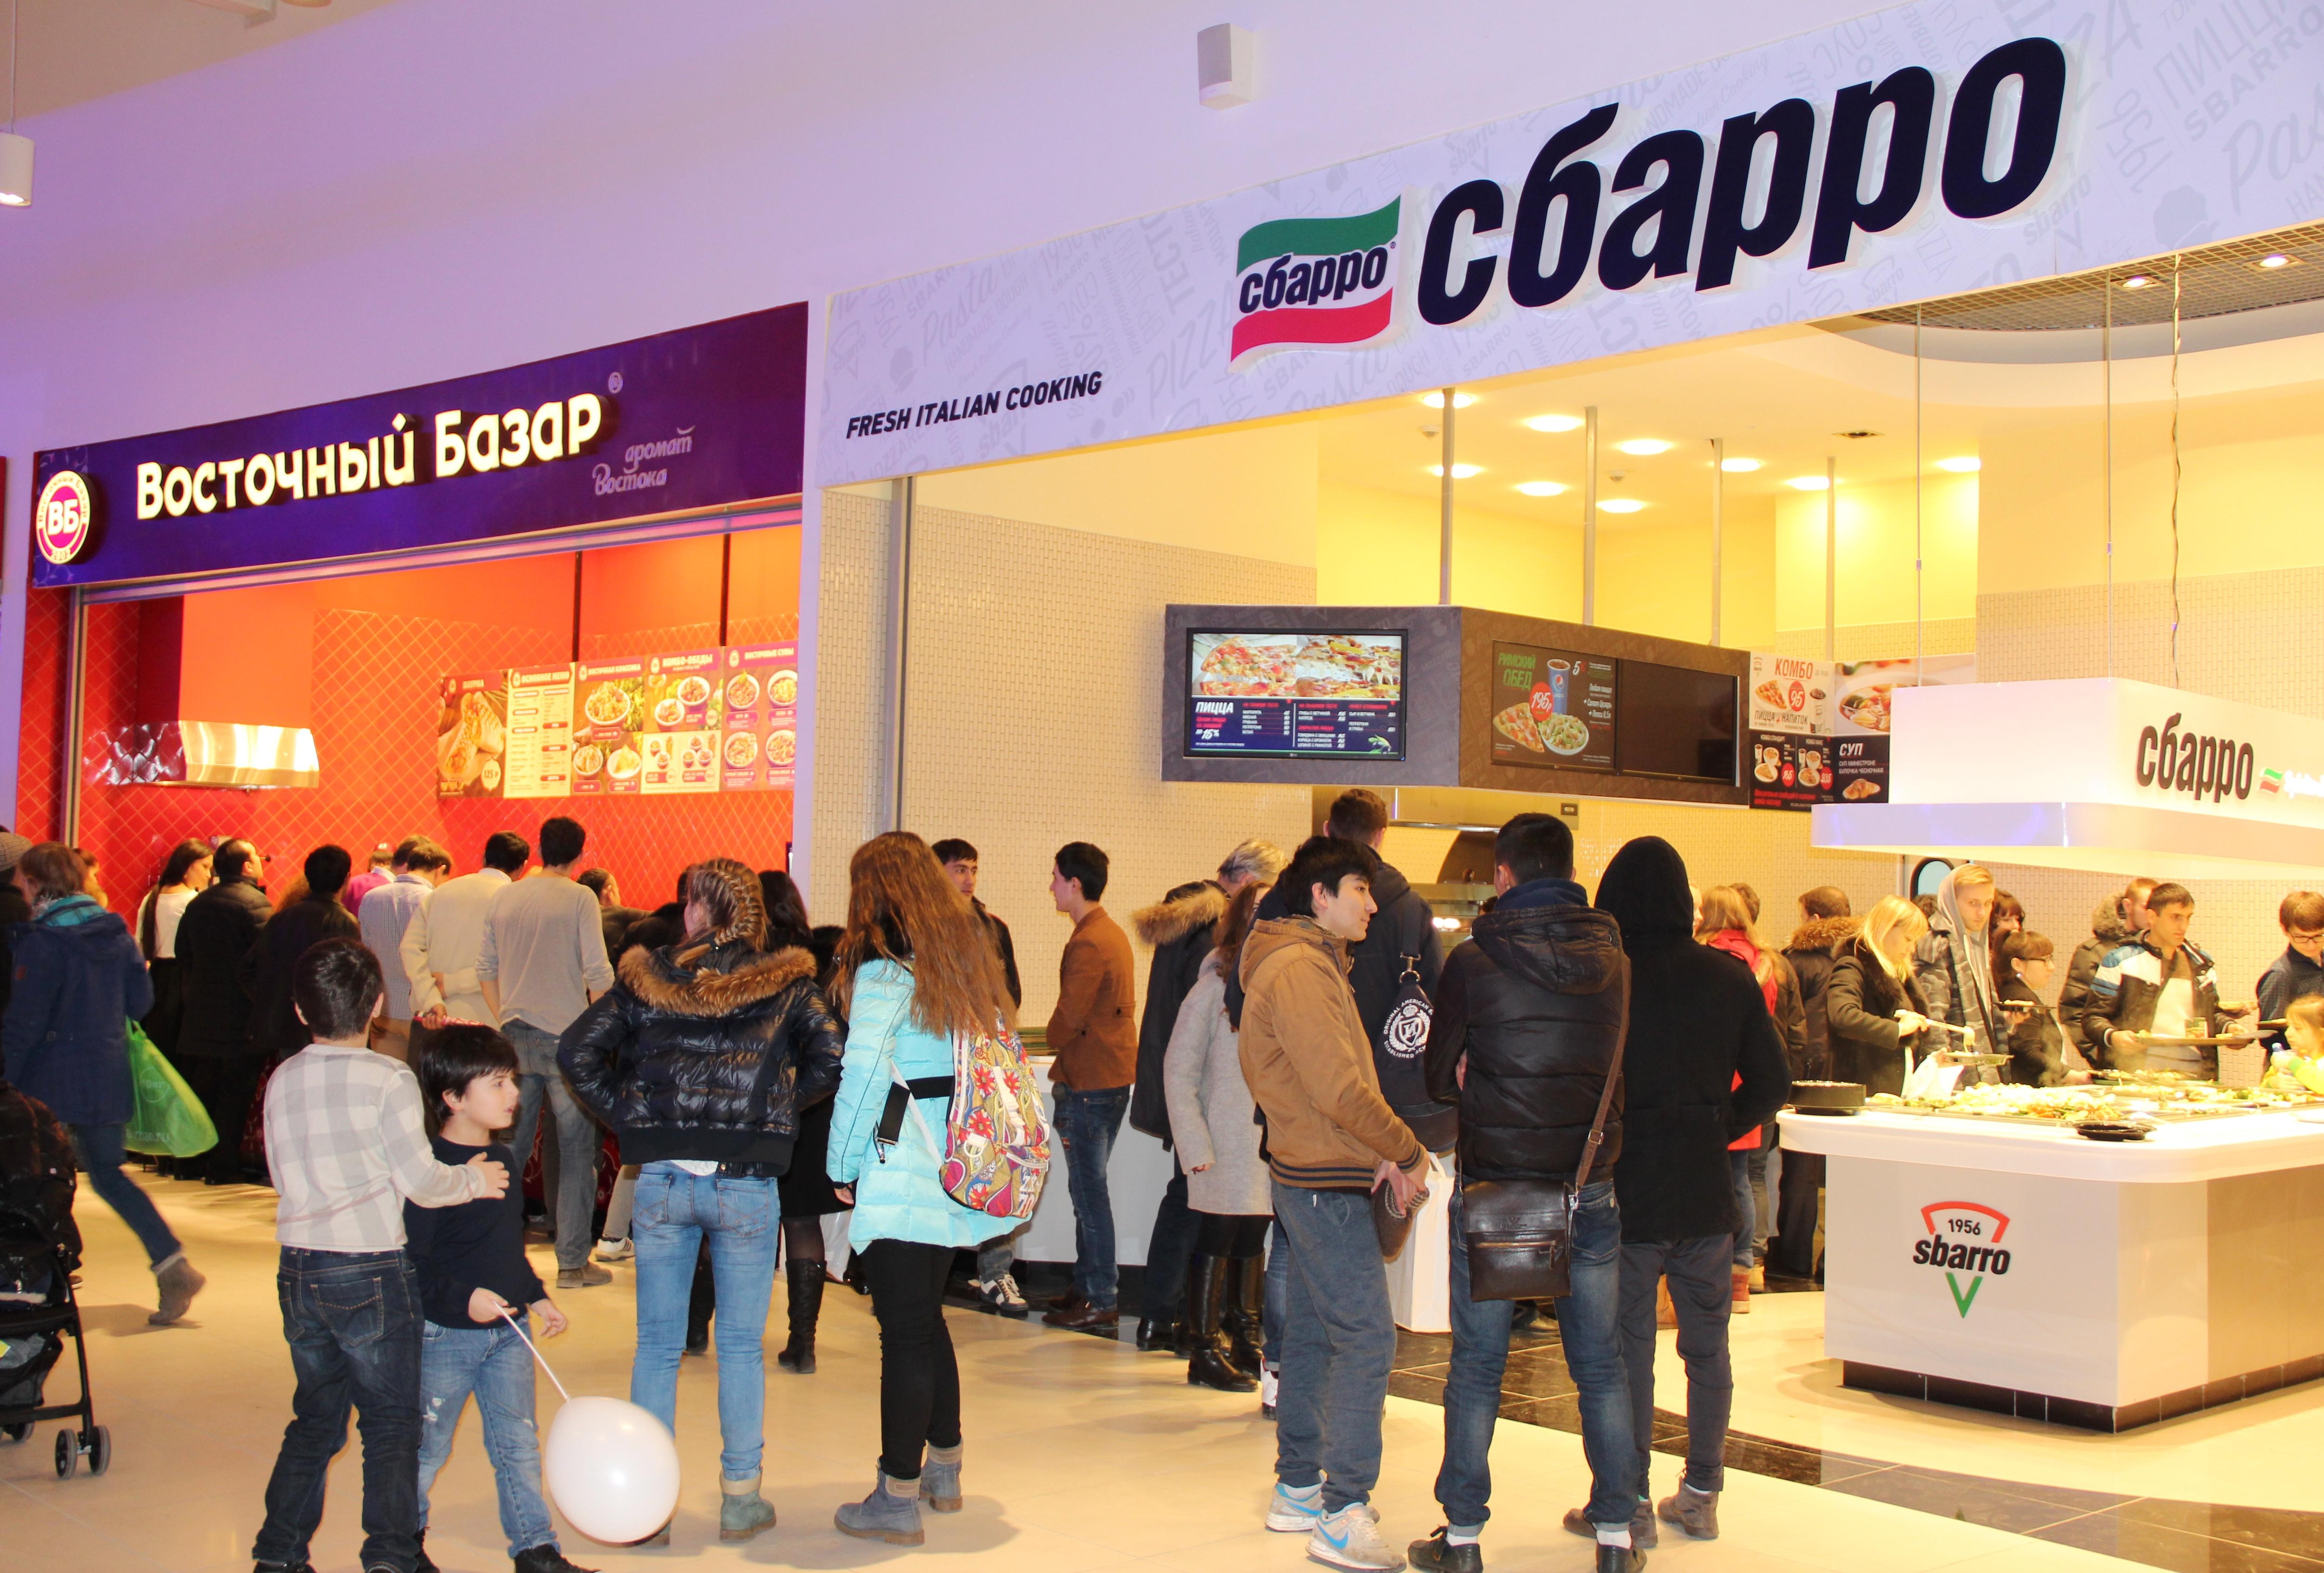 В ТРЦ «Авиапарк» открылись «Сбарро» и «Восточный Базар»